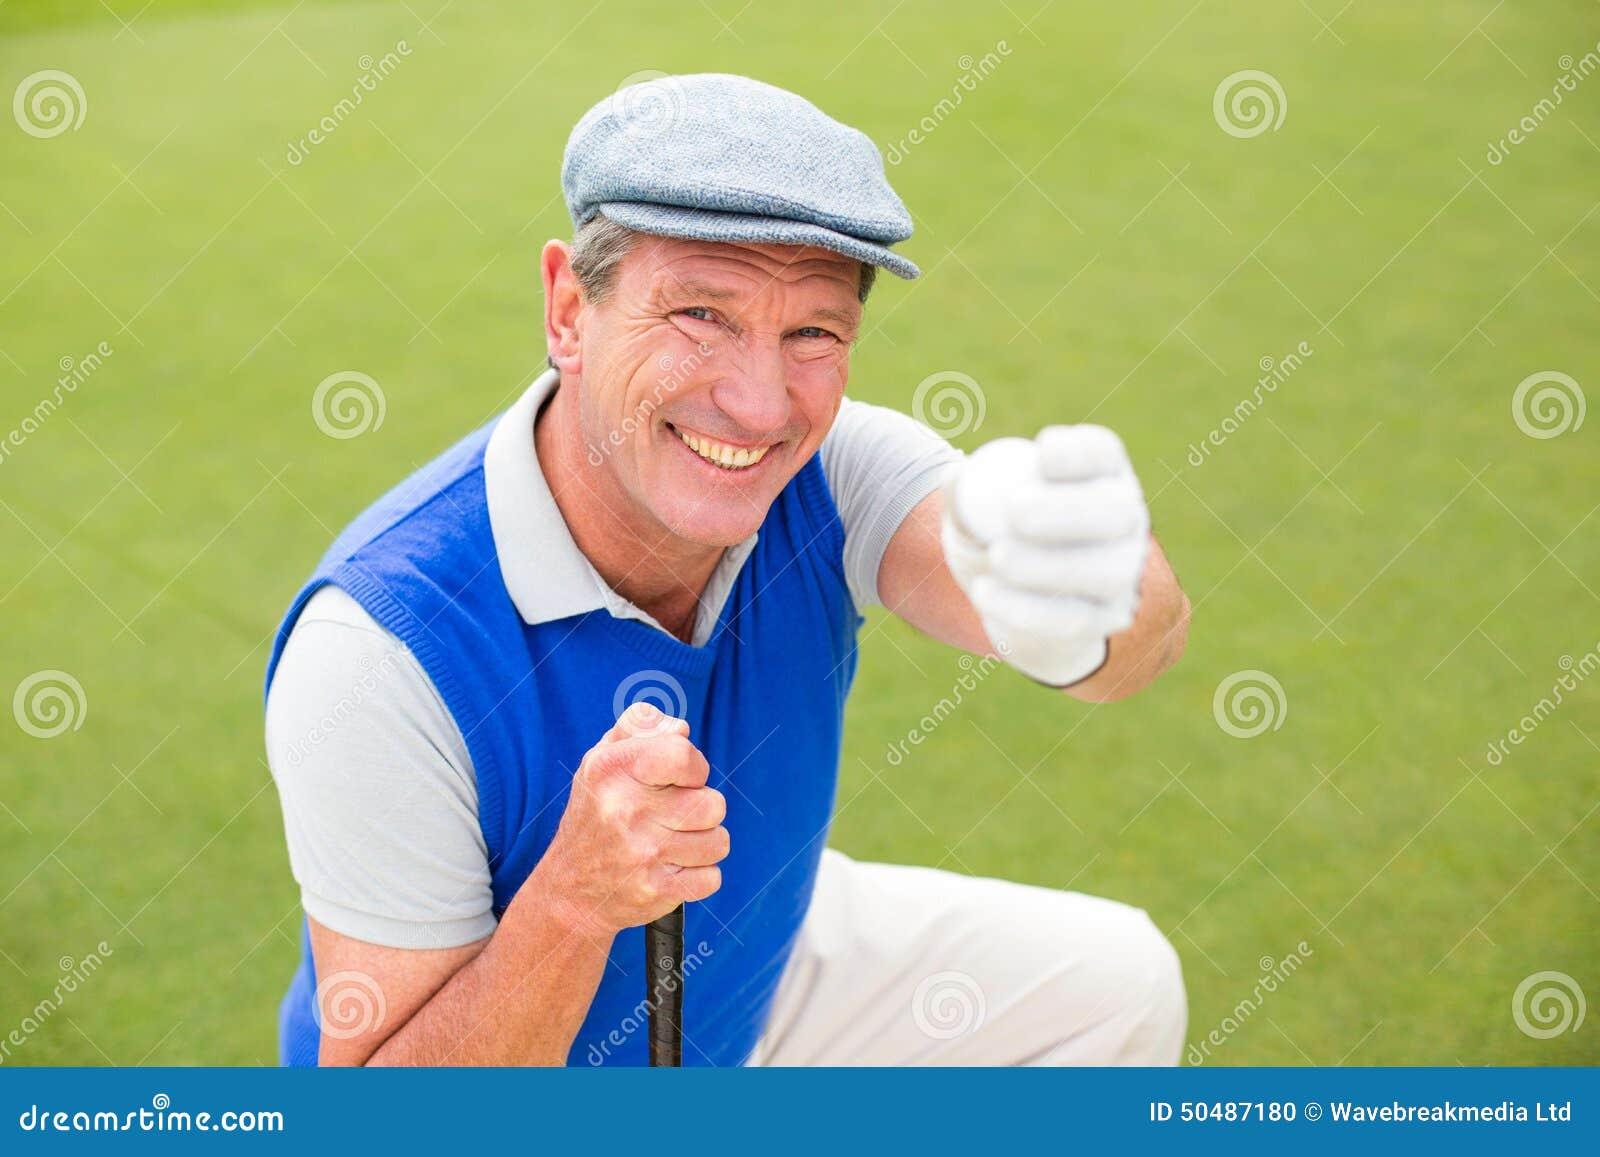 Golfista sonriente que se arrodilla en el putting green